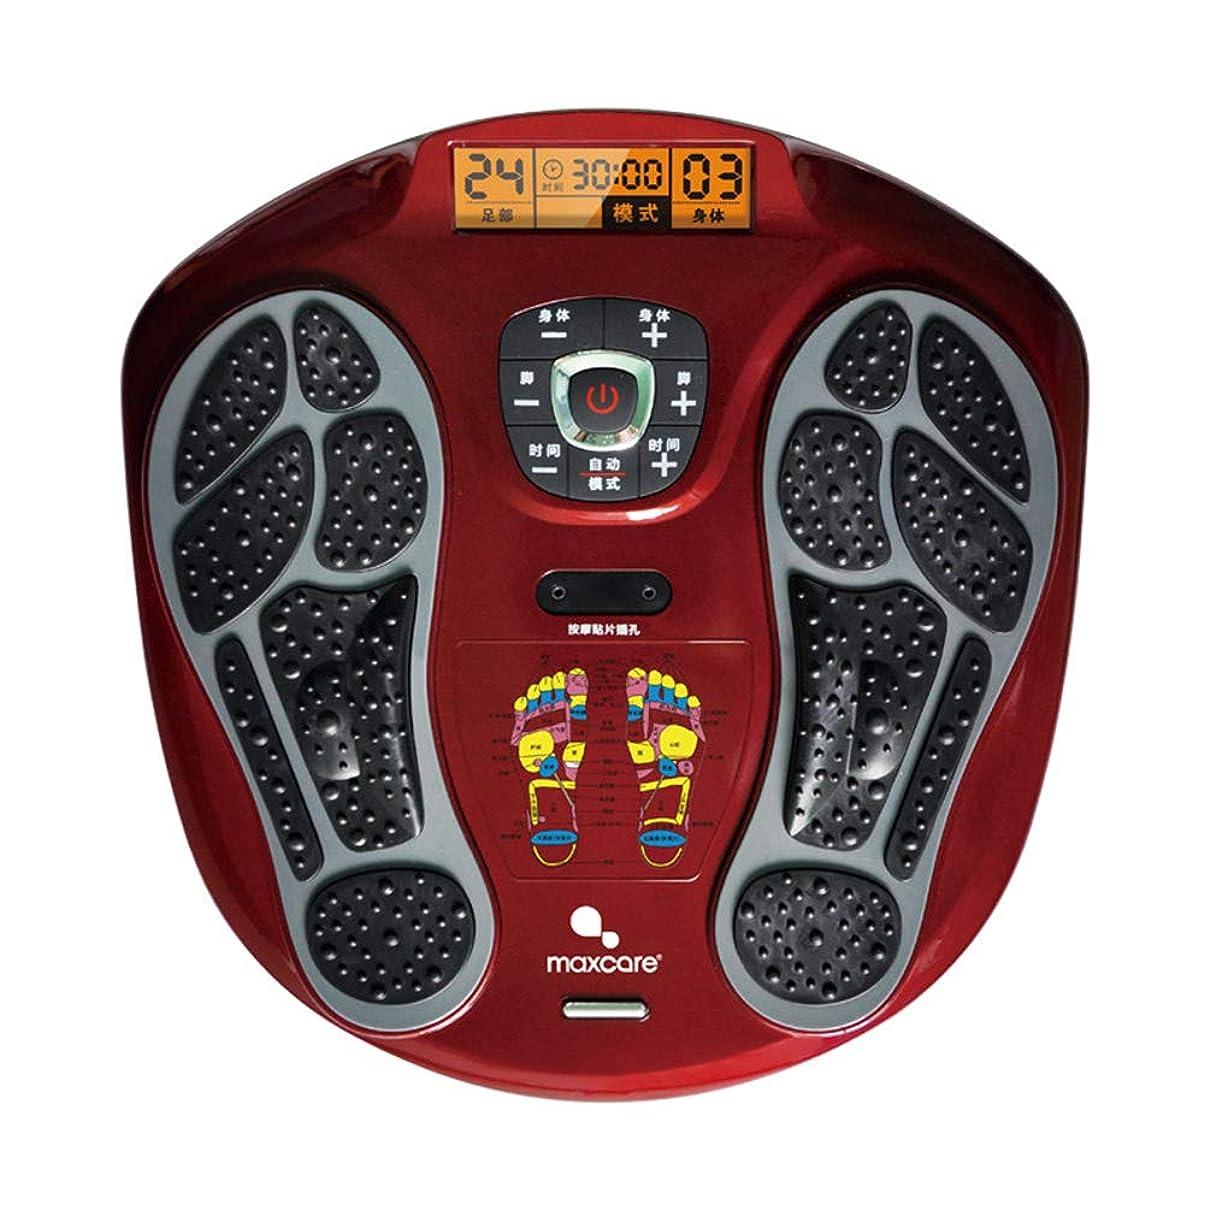 チェリーバスタブアシスタントリモコン 足マッサージャー指圧、ワイヤレスコントロール、足マッサージ機電気足マッサージャーと足底筋膜炎痛みホームオフィス インテリジェント